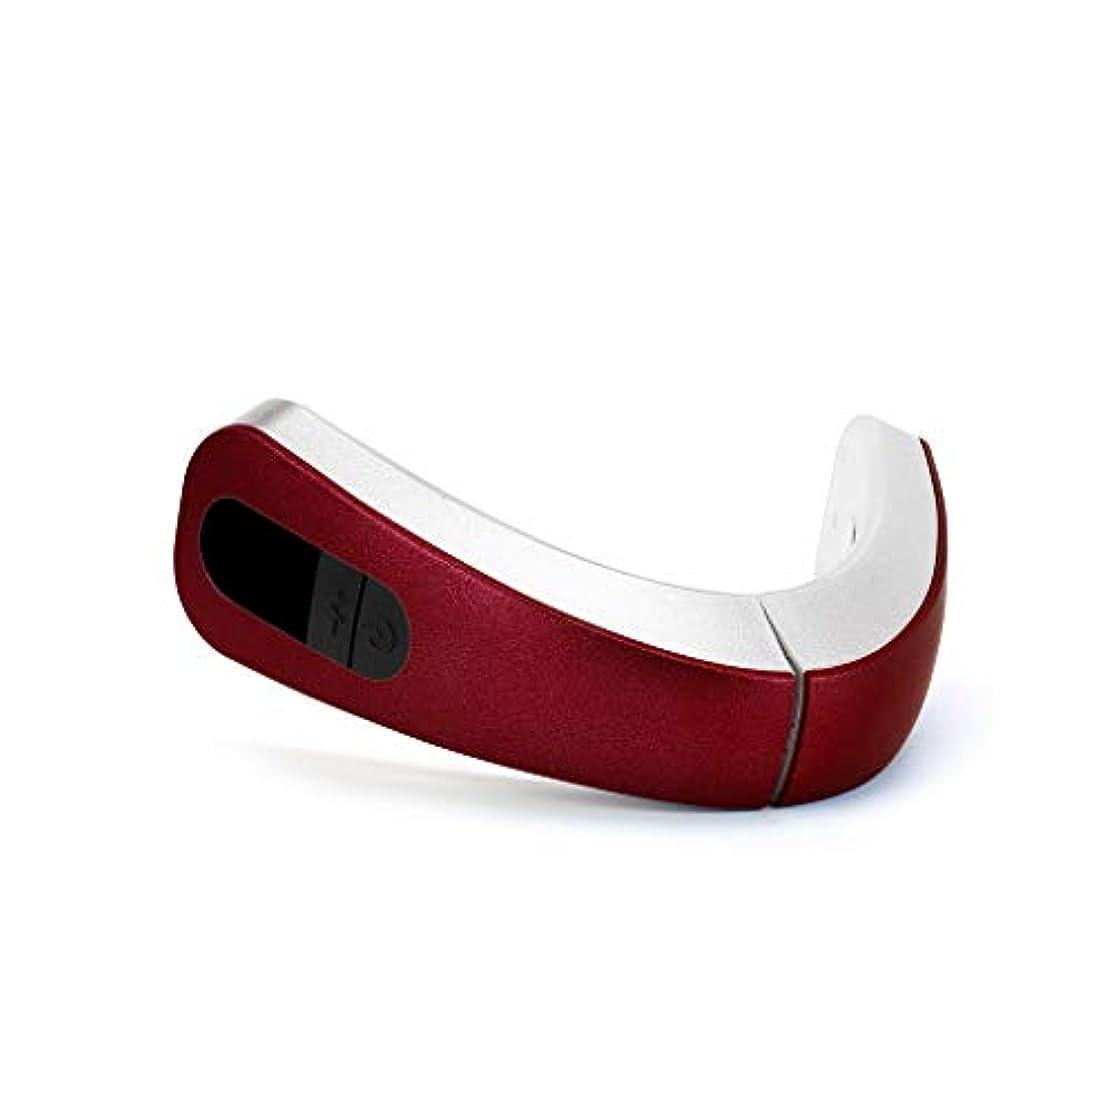 忌まわしい然とした辞任リフティングフェイシャル、電気マッサージ美容器具、リフティングファーミングファットディゾルビングシンフェイスシンダブルチンシンフェイス、4つのマッサージモードがあります (Color : Red)